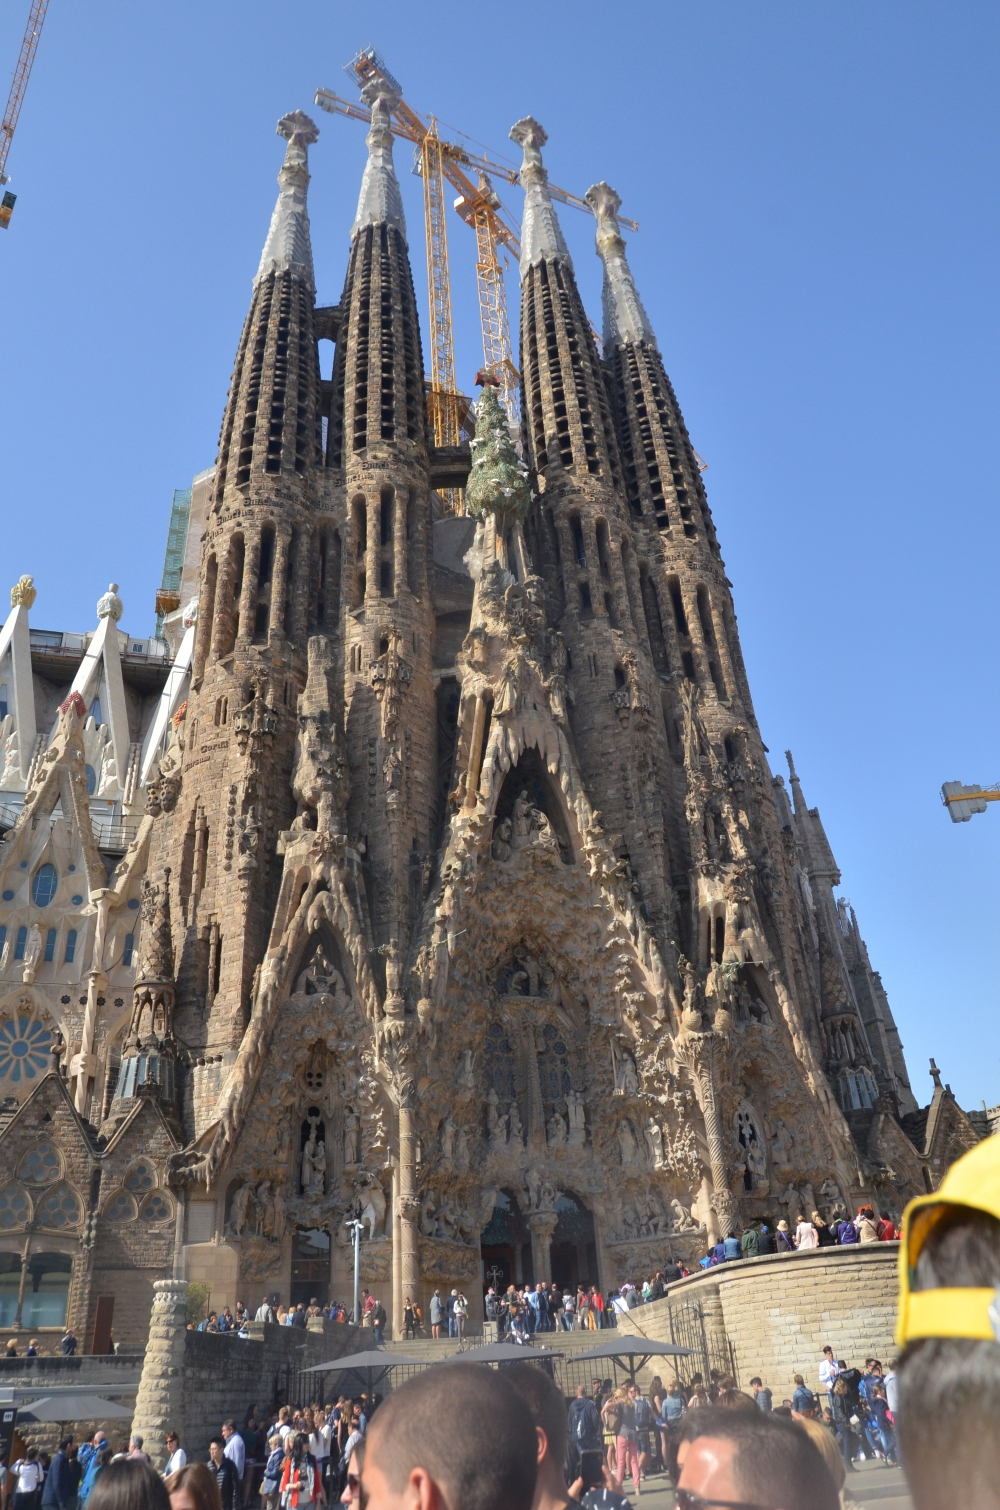 letovanje/spanija/vesti/barcelona-1/sagrada-familia-2.jpg